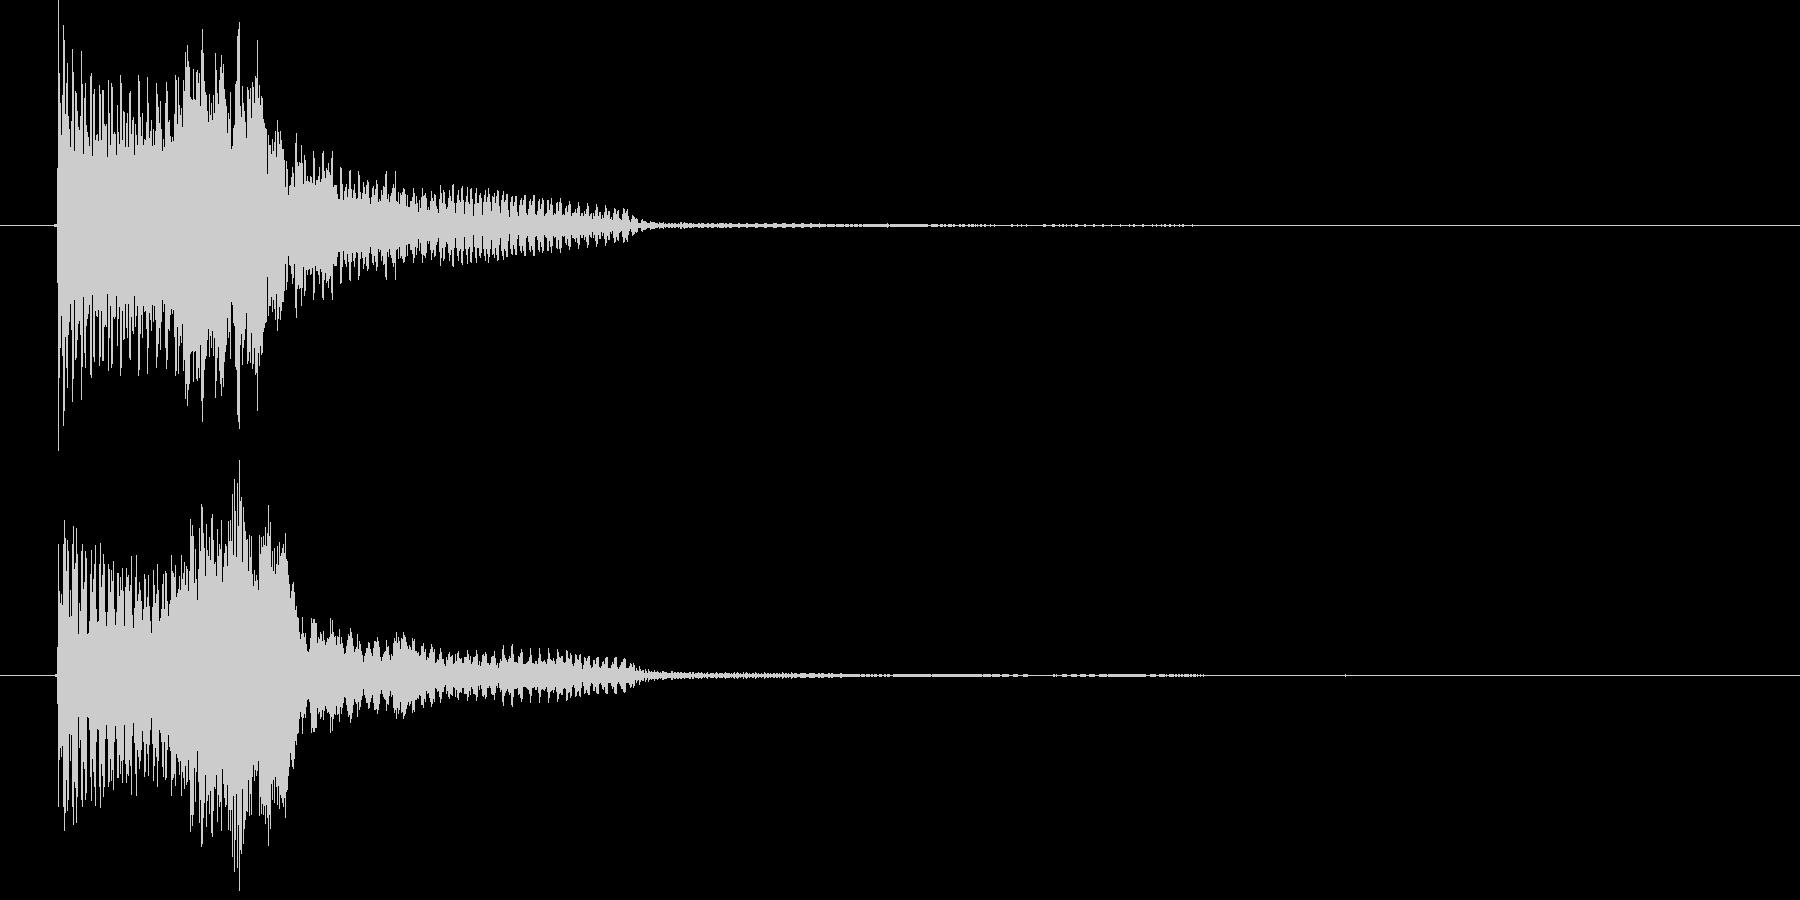 ゲームスタート音1 認証音   K19の未再生の波形